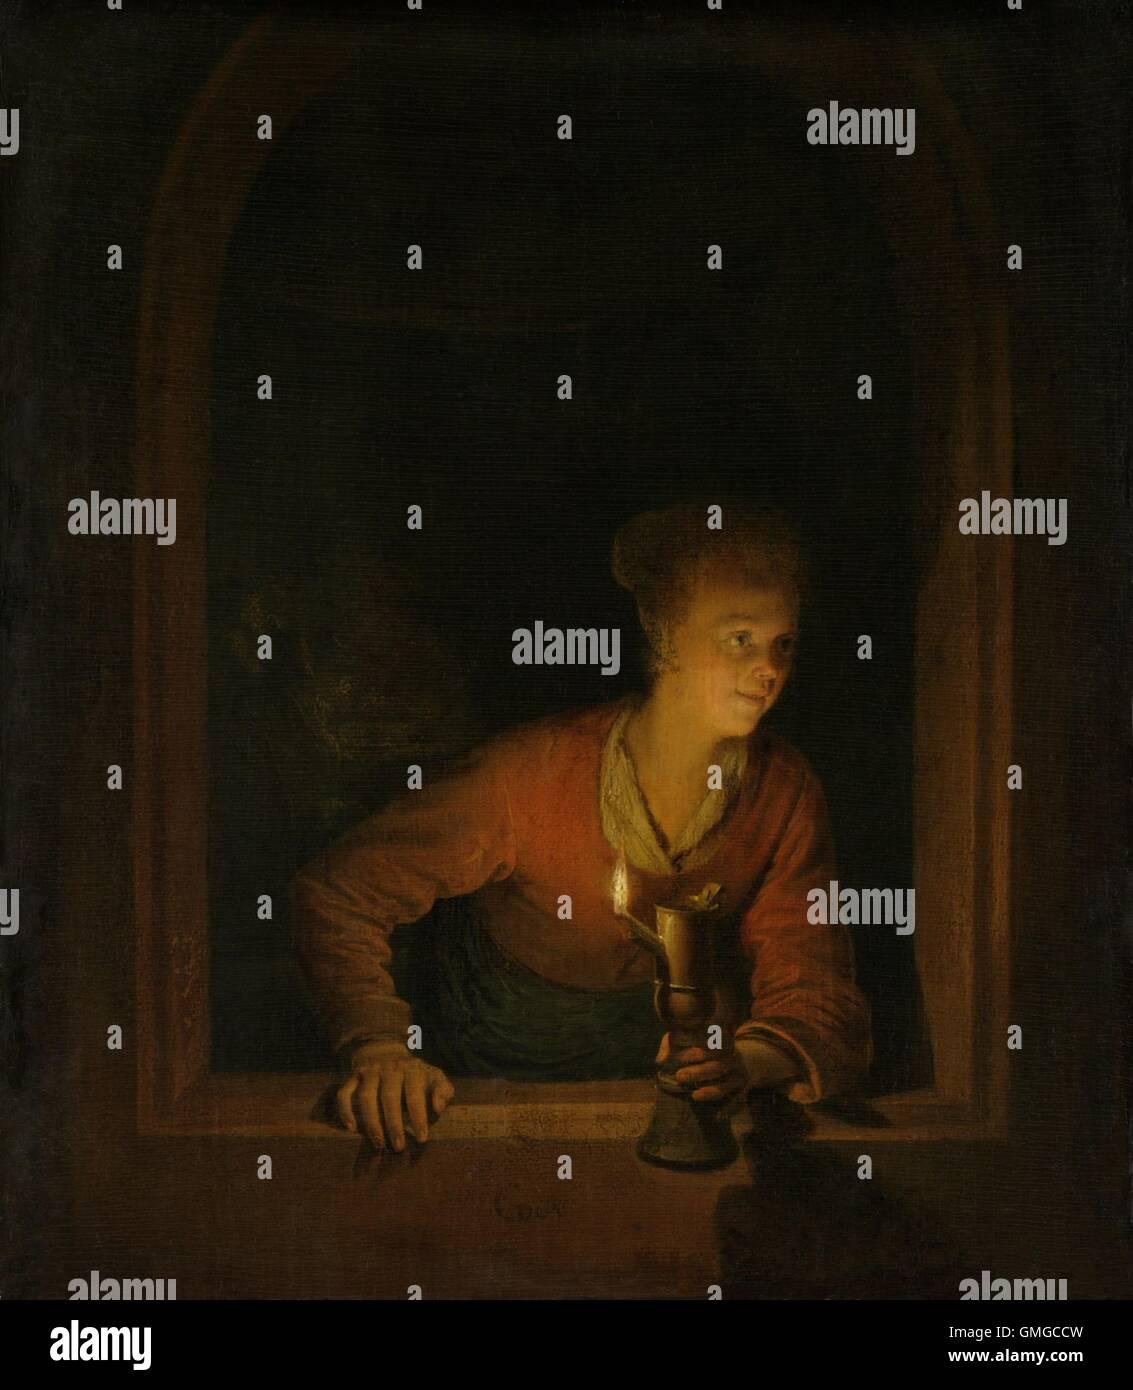 Ragazza con una lampada ad olio in corrispondenza di una finestra, da Gerard Dou, 1645-75, pittura olandese, olio Immagini Stock